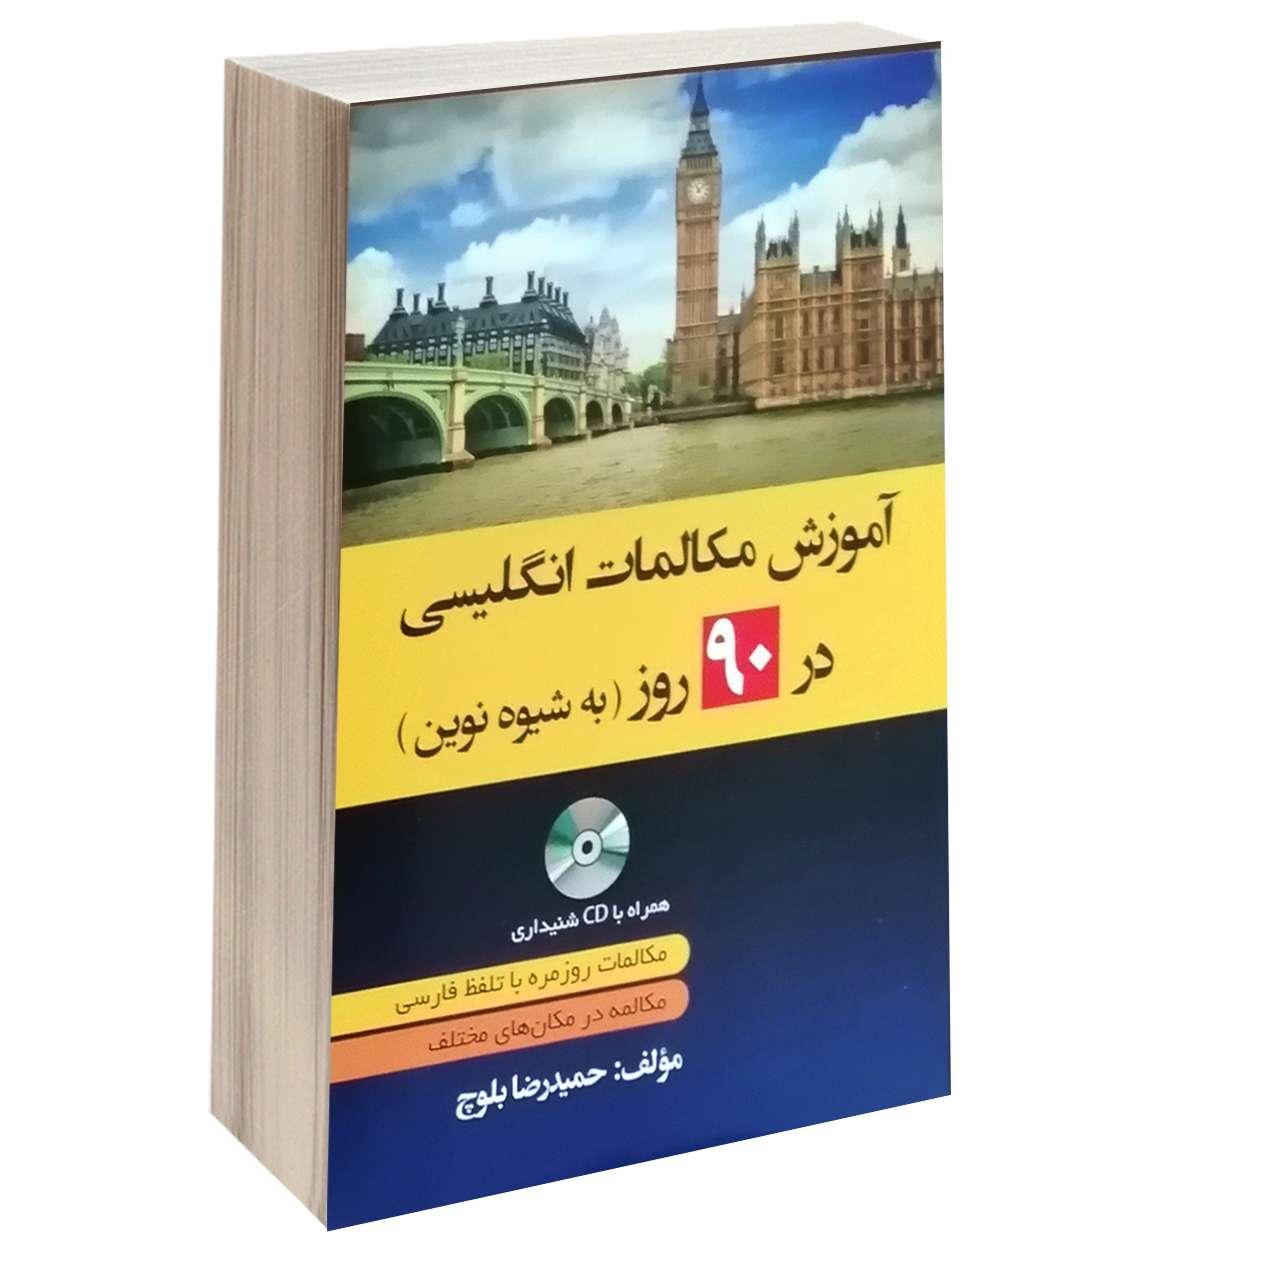 خرید                      کتاب آموزش مکالمات انگلیسی 90 روز به شیوه نوین اثر حمیدرضا بلوچ انتشارات دانشیار